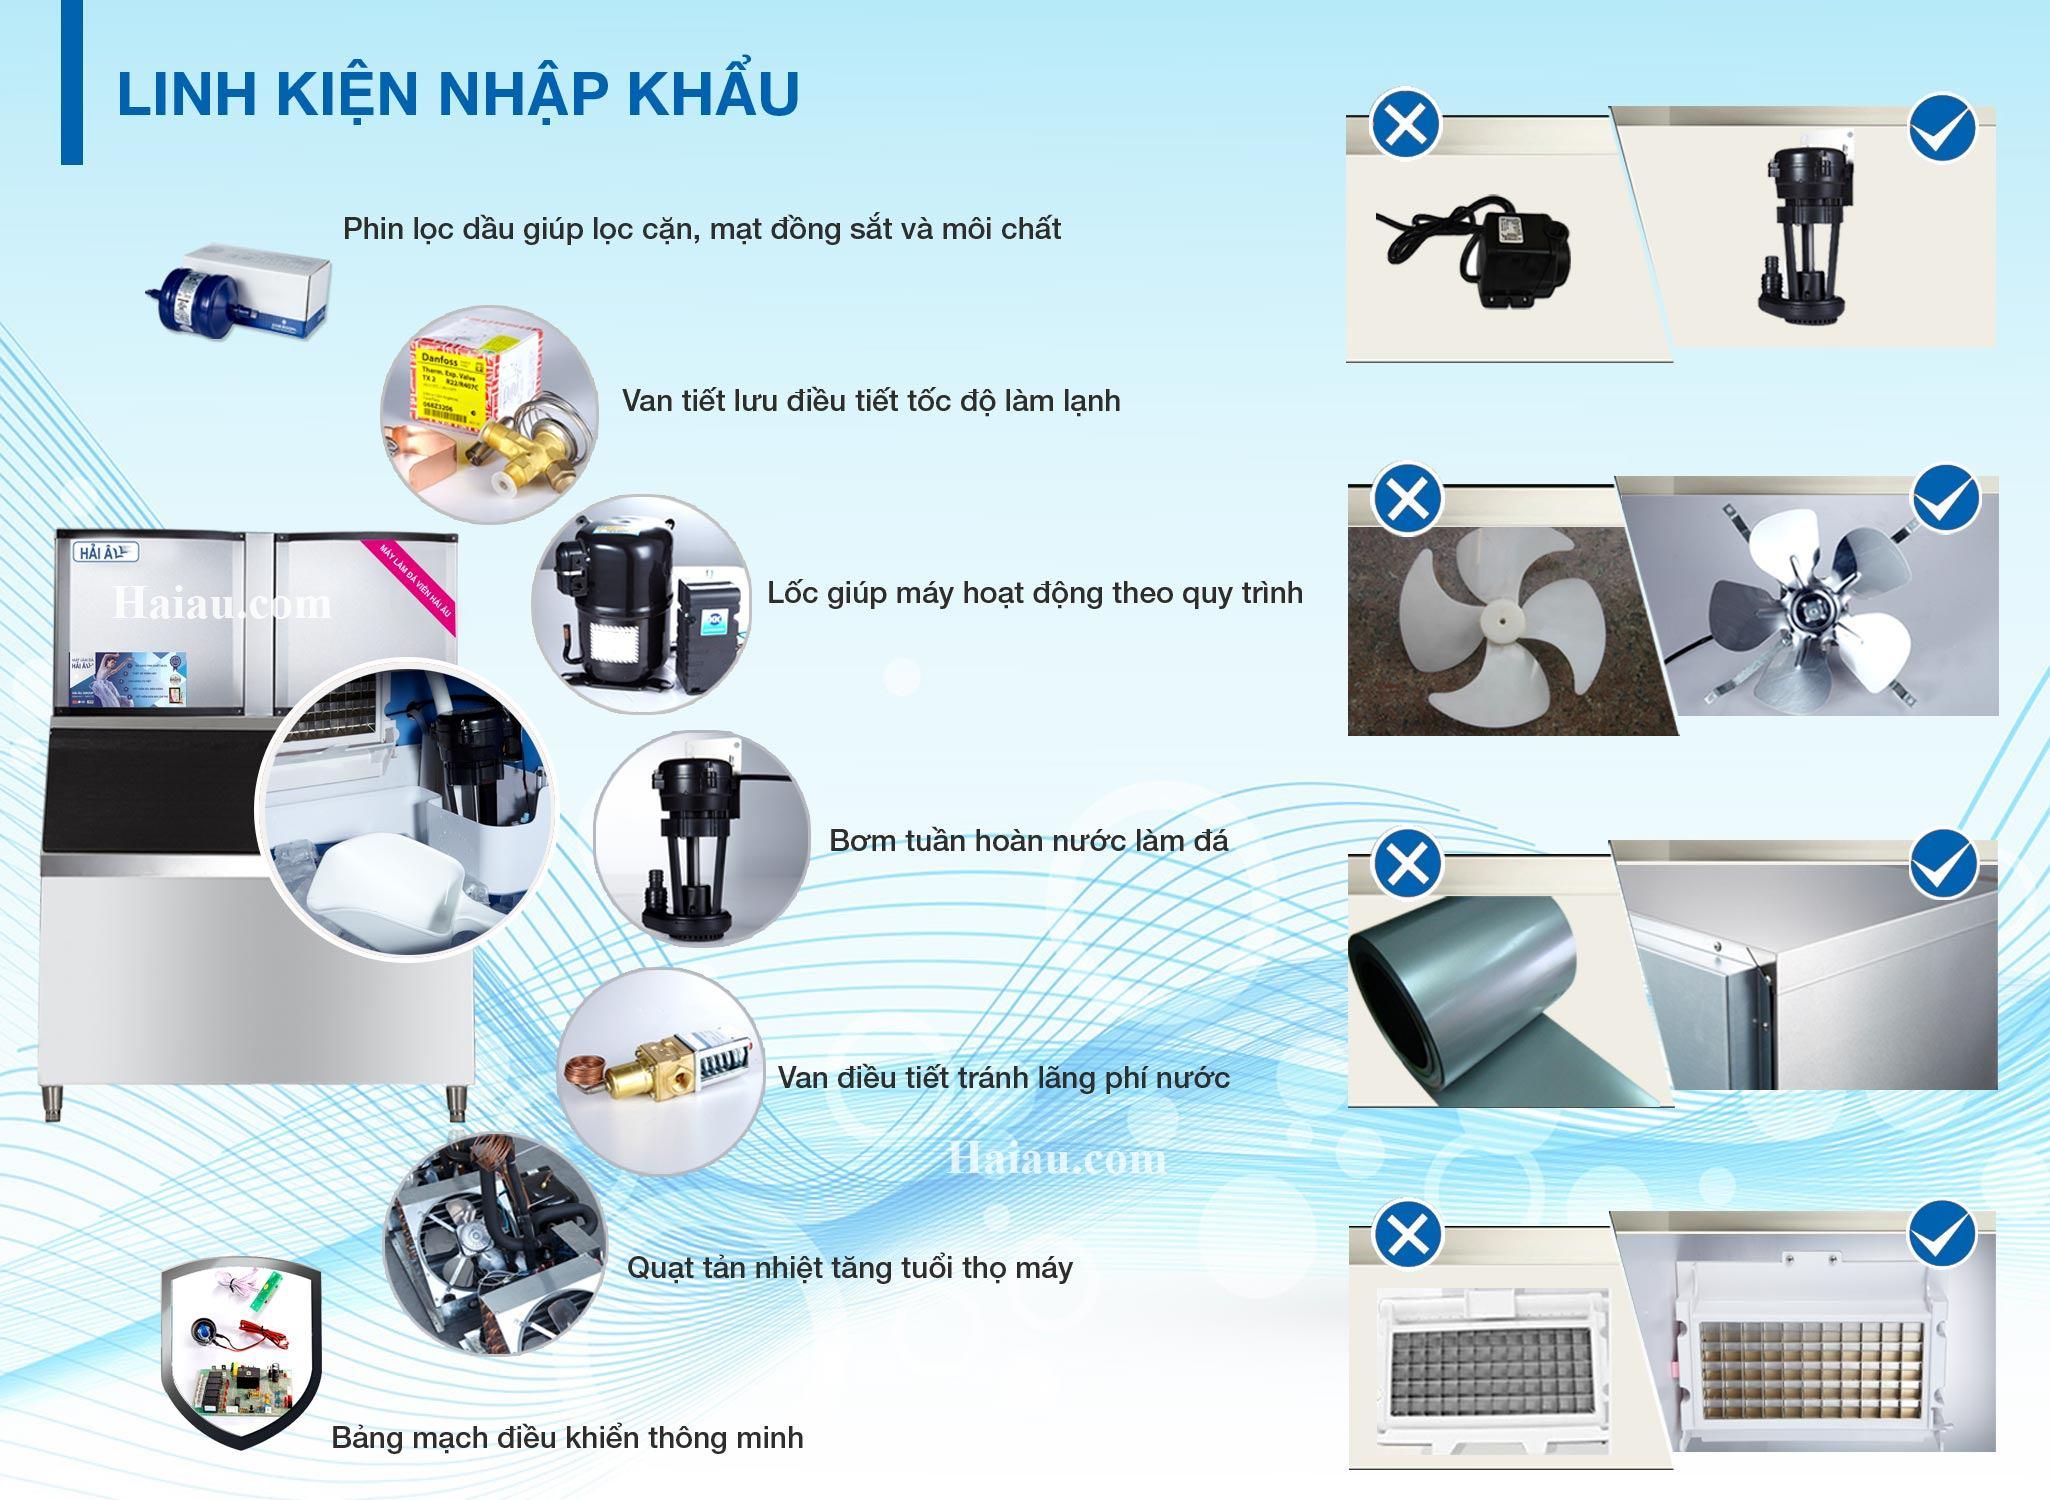 thiết kế linh kiện máy làm đá ha900